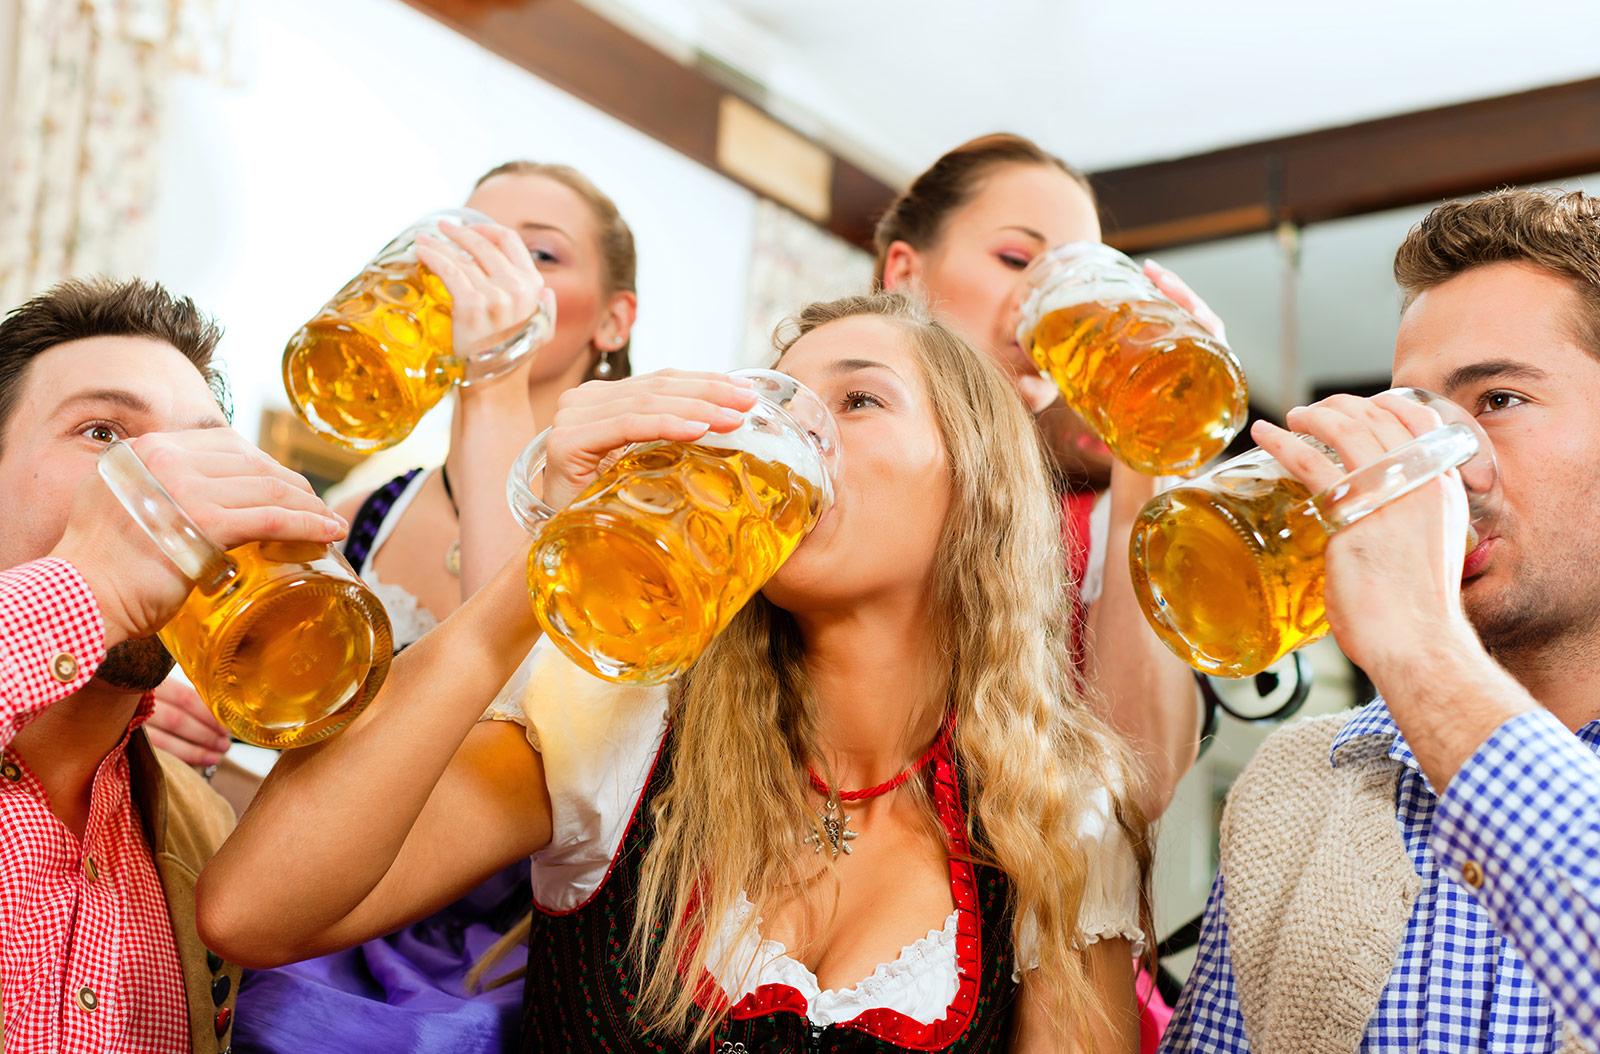 Německo bez Oktoberfestu. 'Důvody chápeme, člověka to ale zabolí,' říká pracovník pivovaru